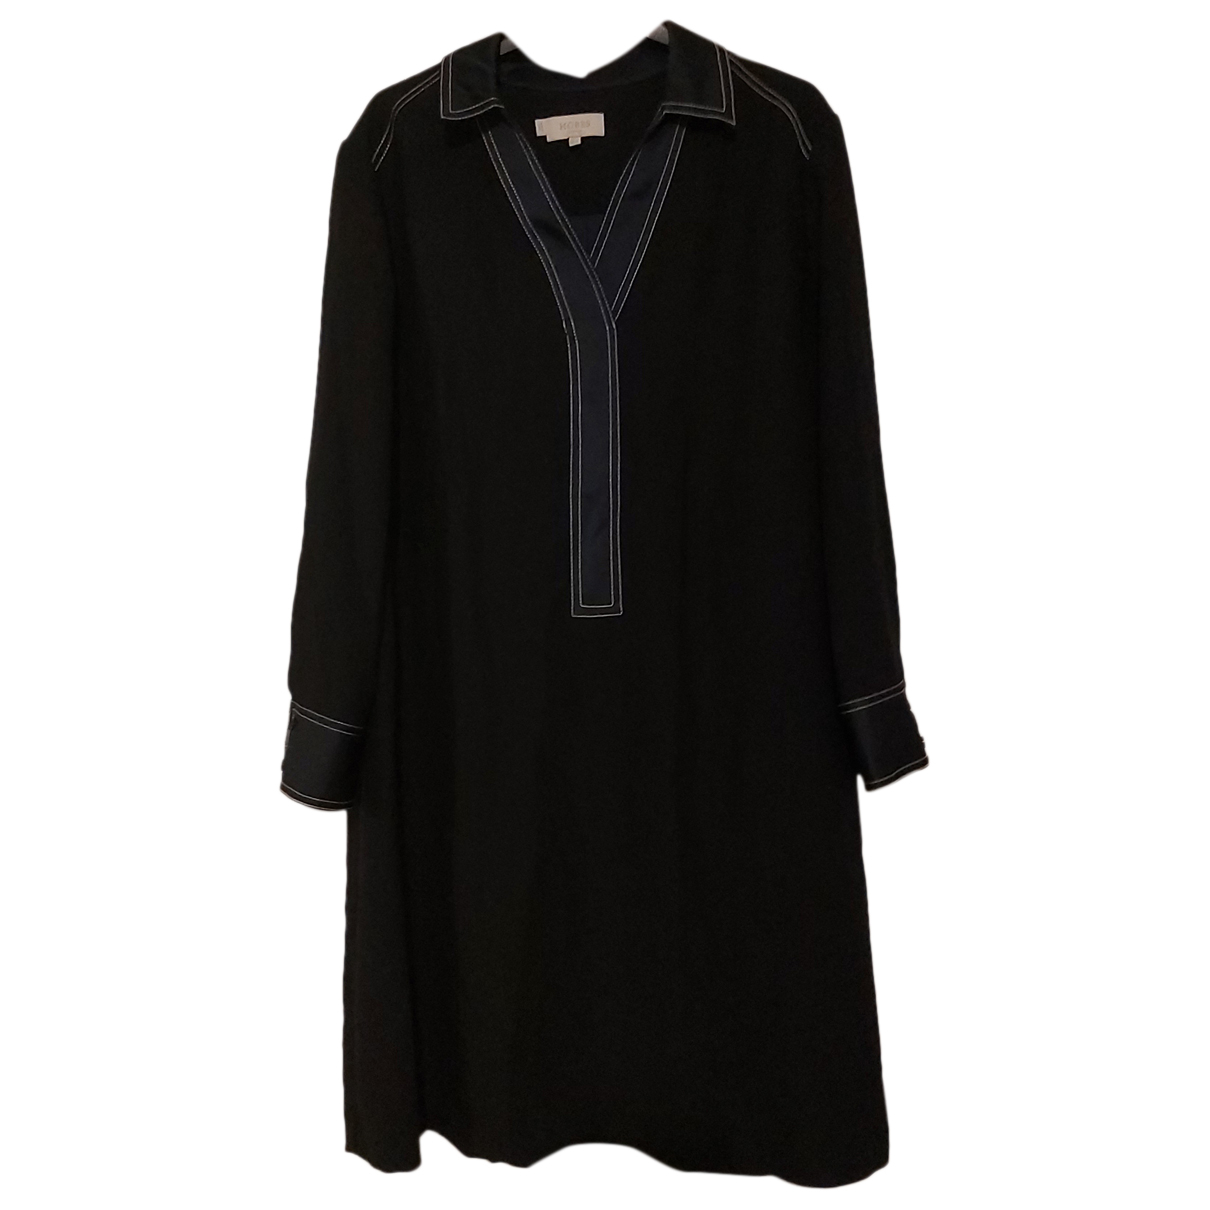 Hobbs \N Kleid in  Marine Polyester